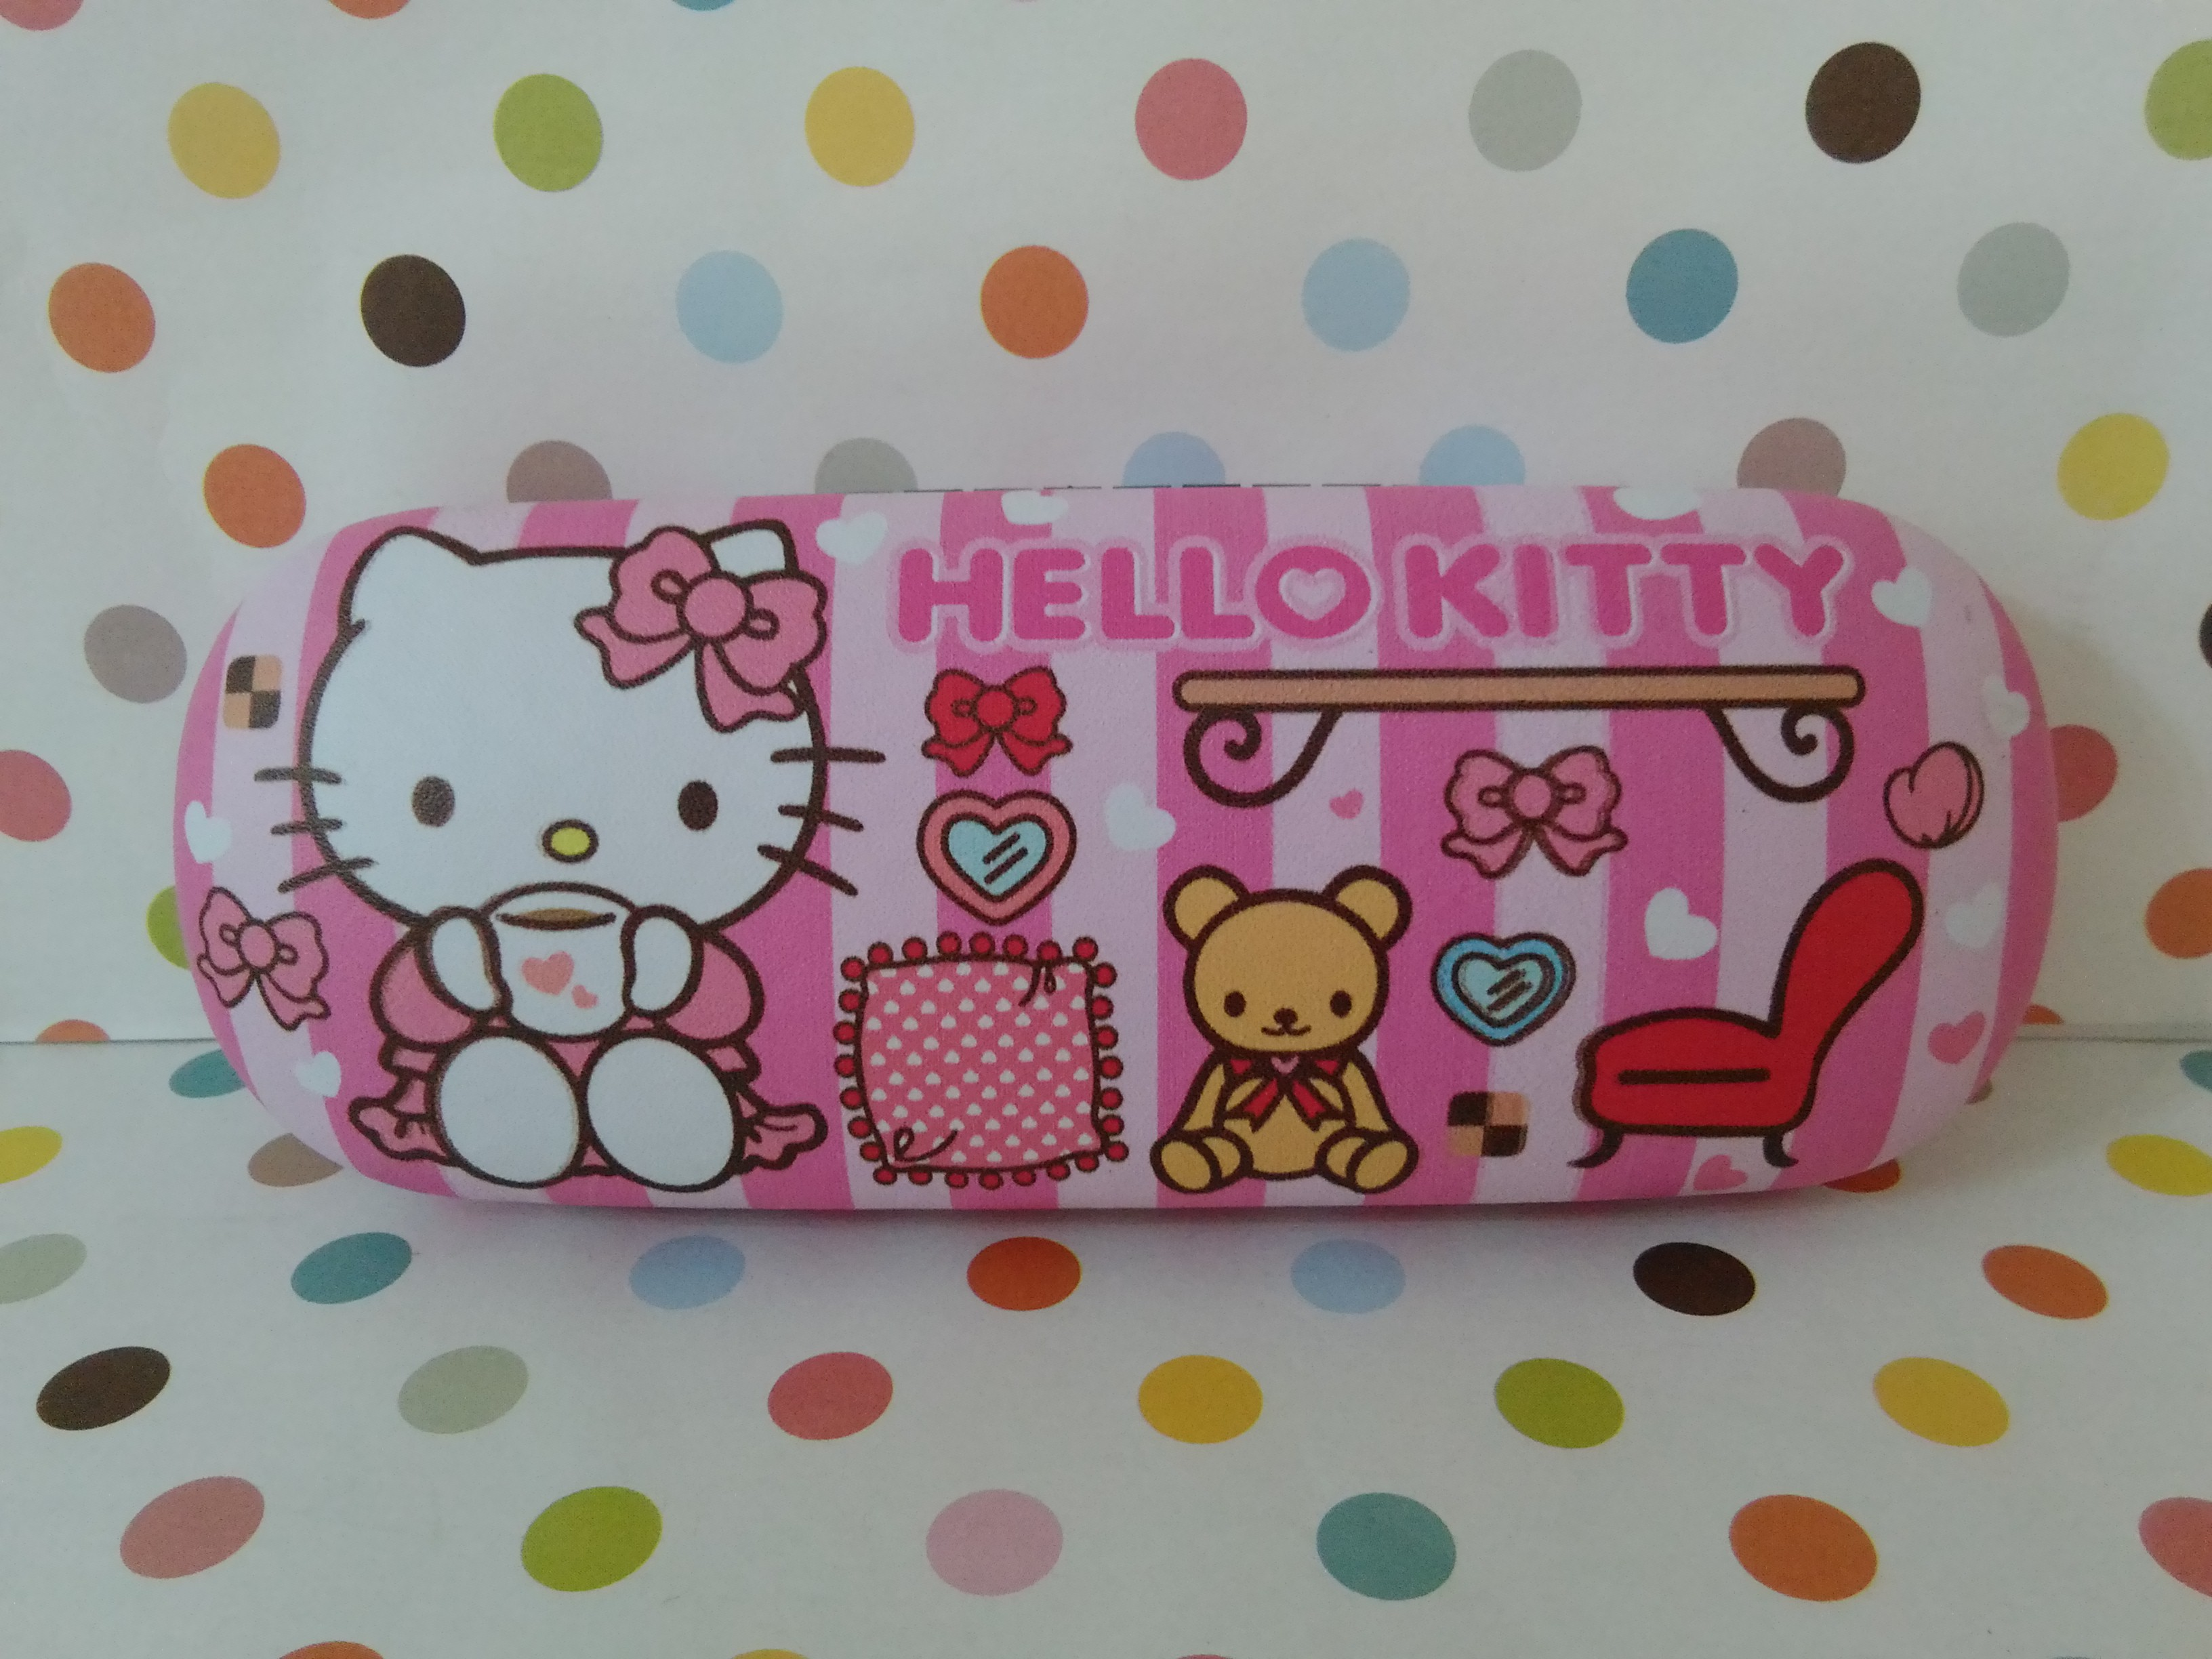 กล่องใส่แว่นตา ฮัลโหลคิตตี้ Hello Kitty ลายฮัลโหลคิตตี้โบว์